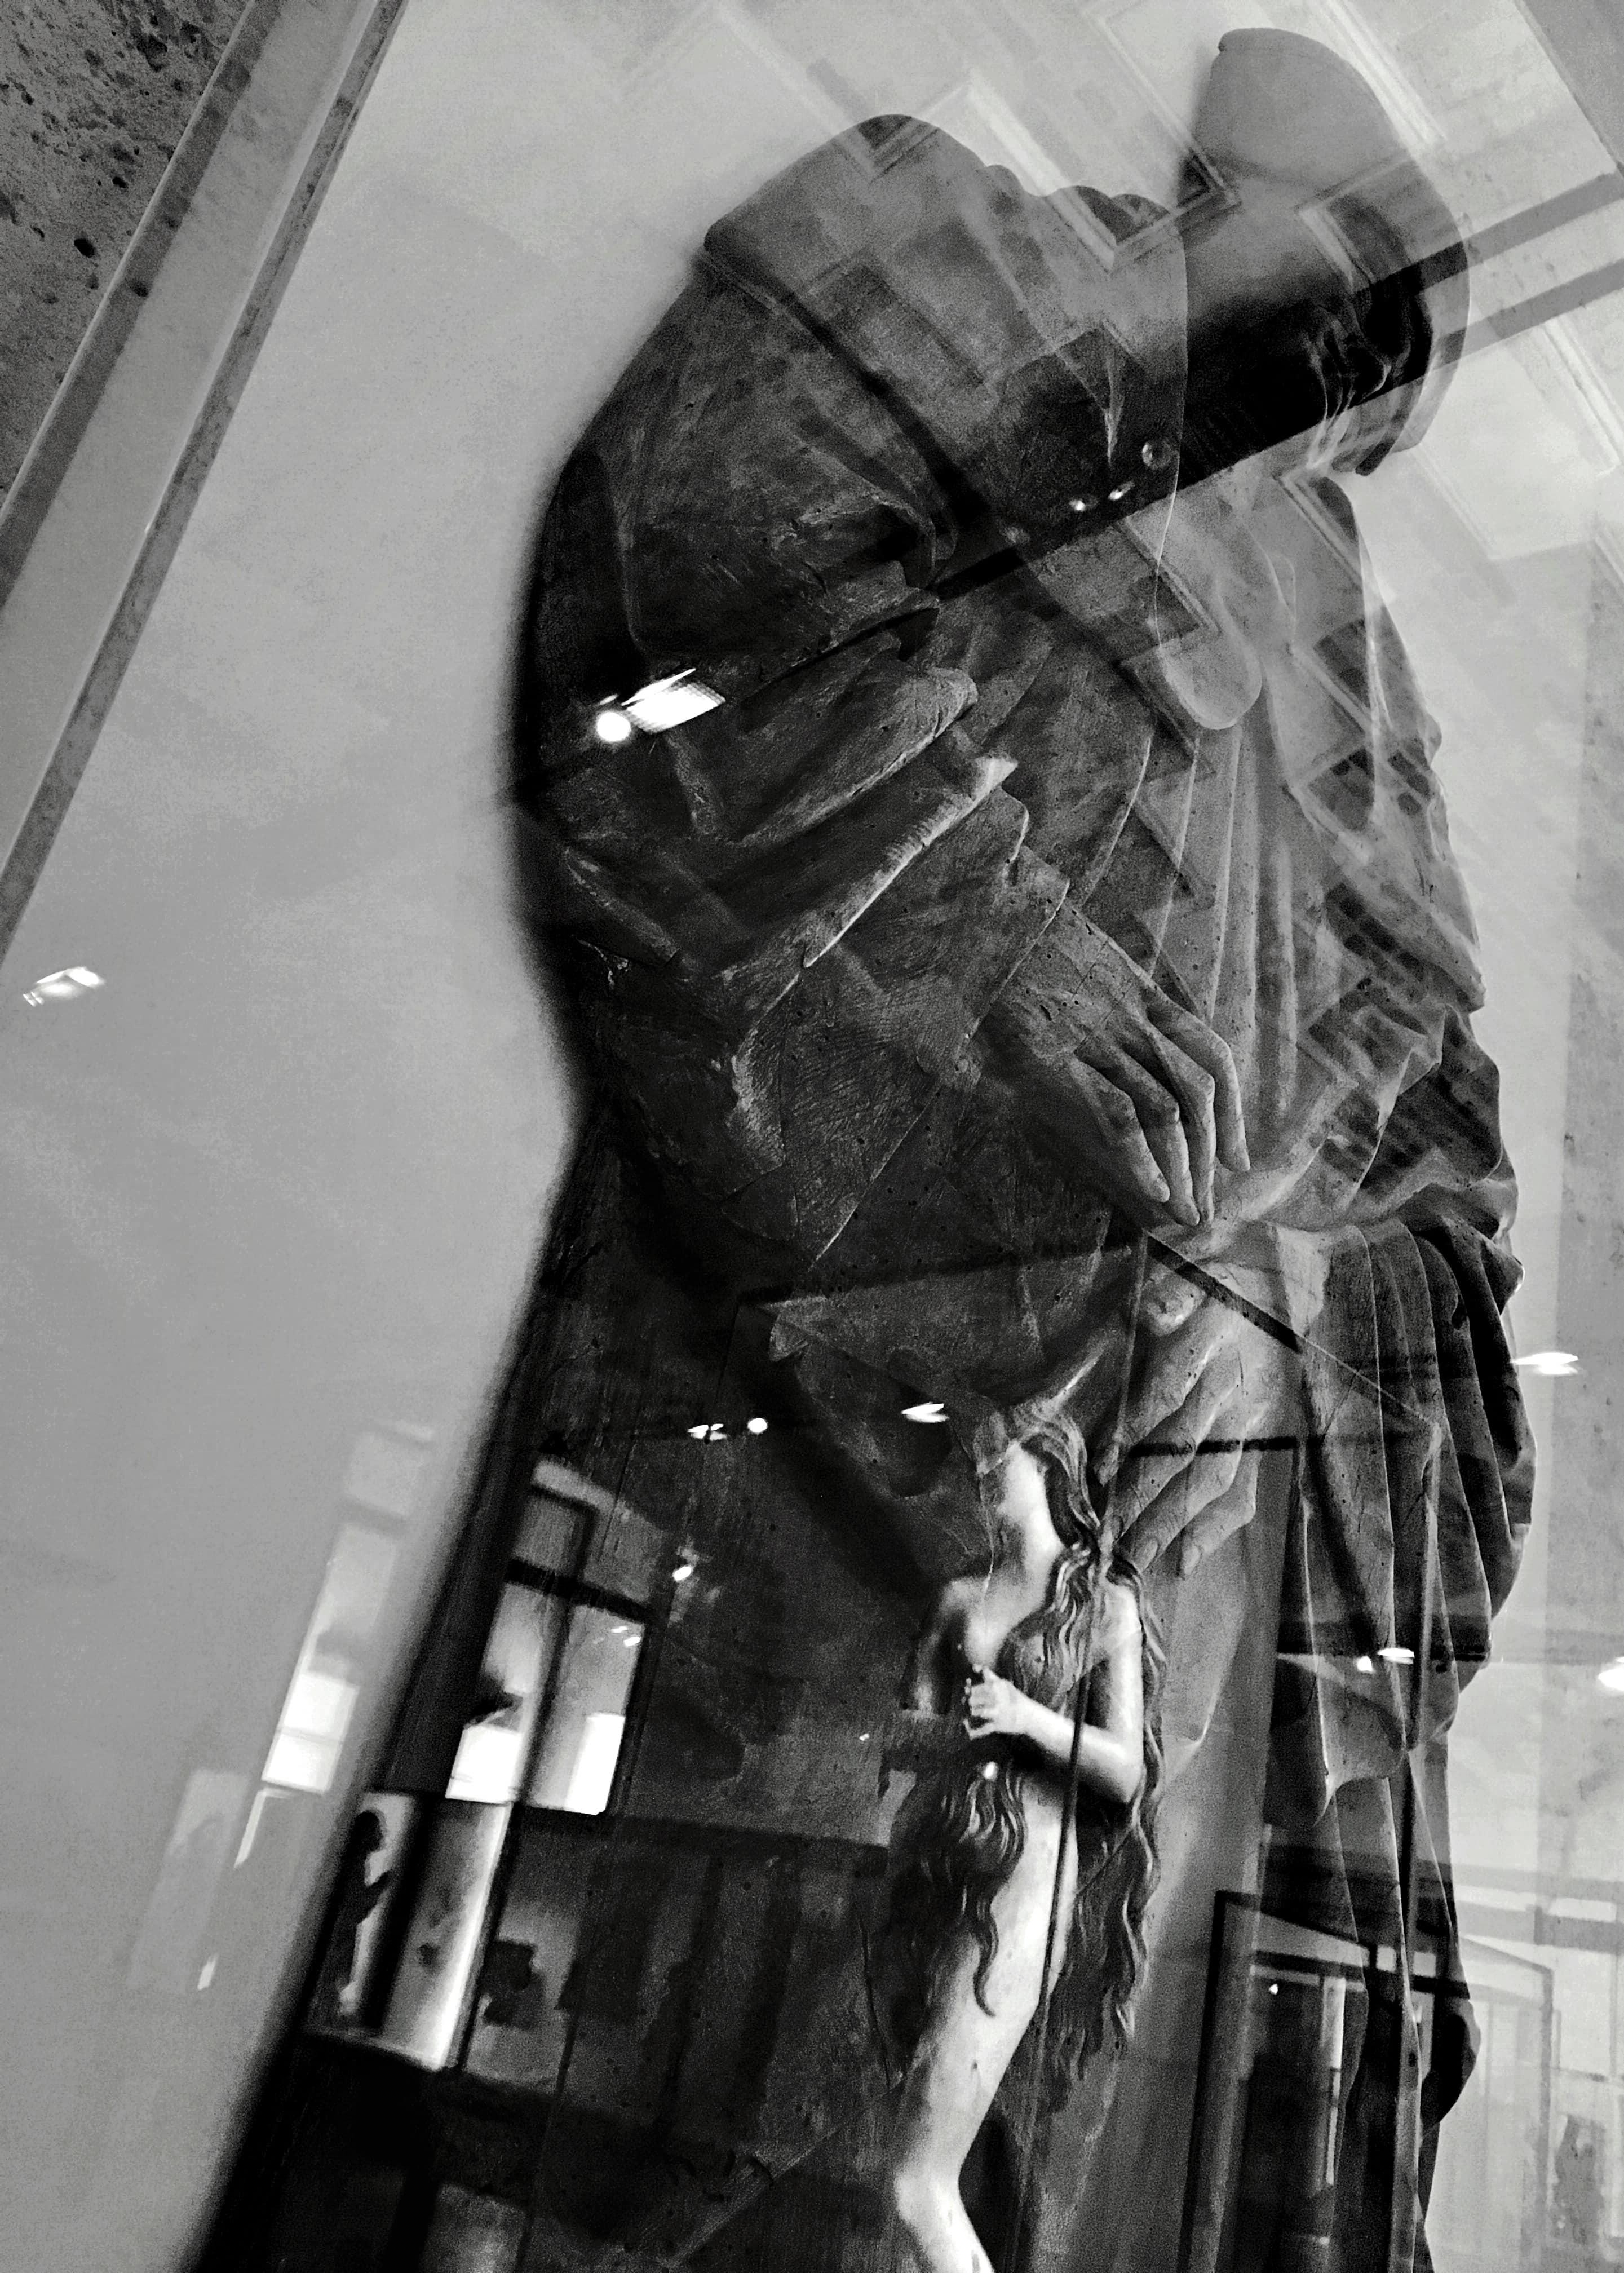 Photographie noir et blanc de la sculputure d'un homme